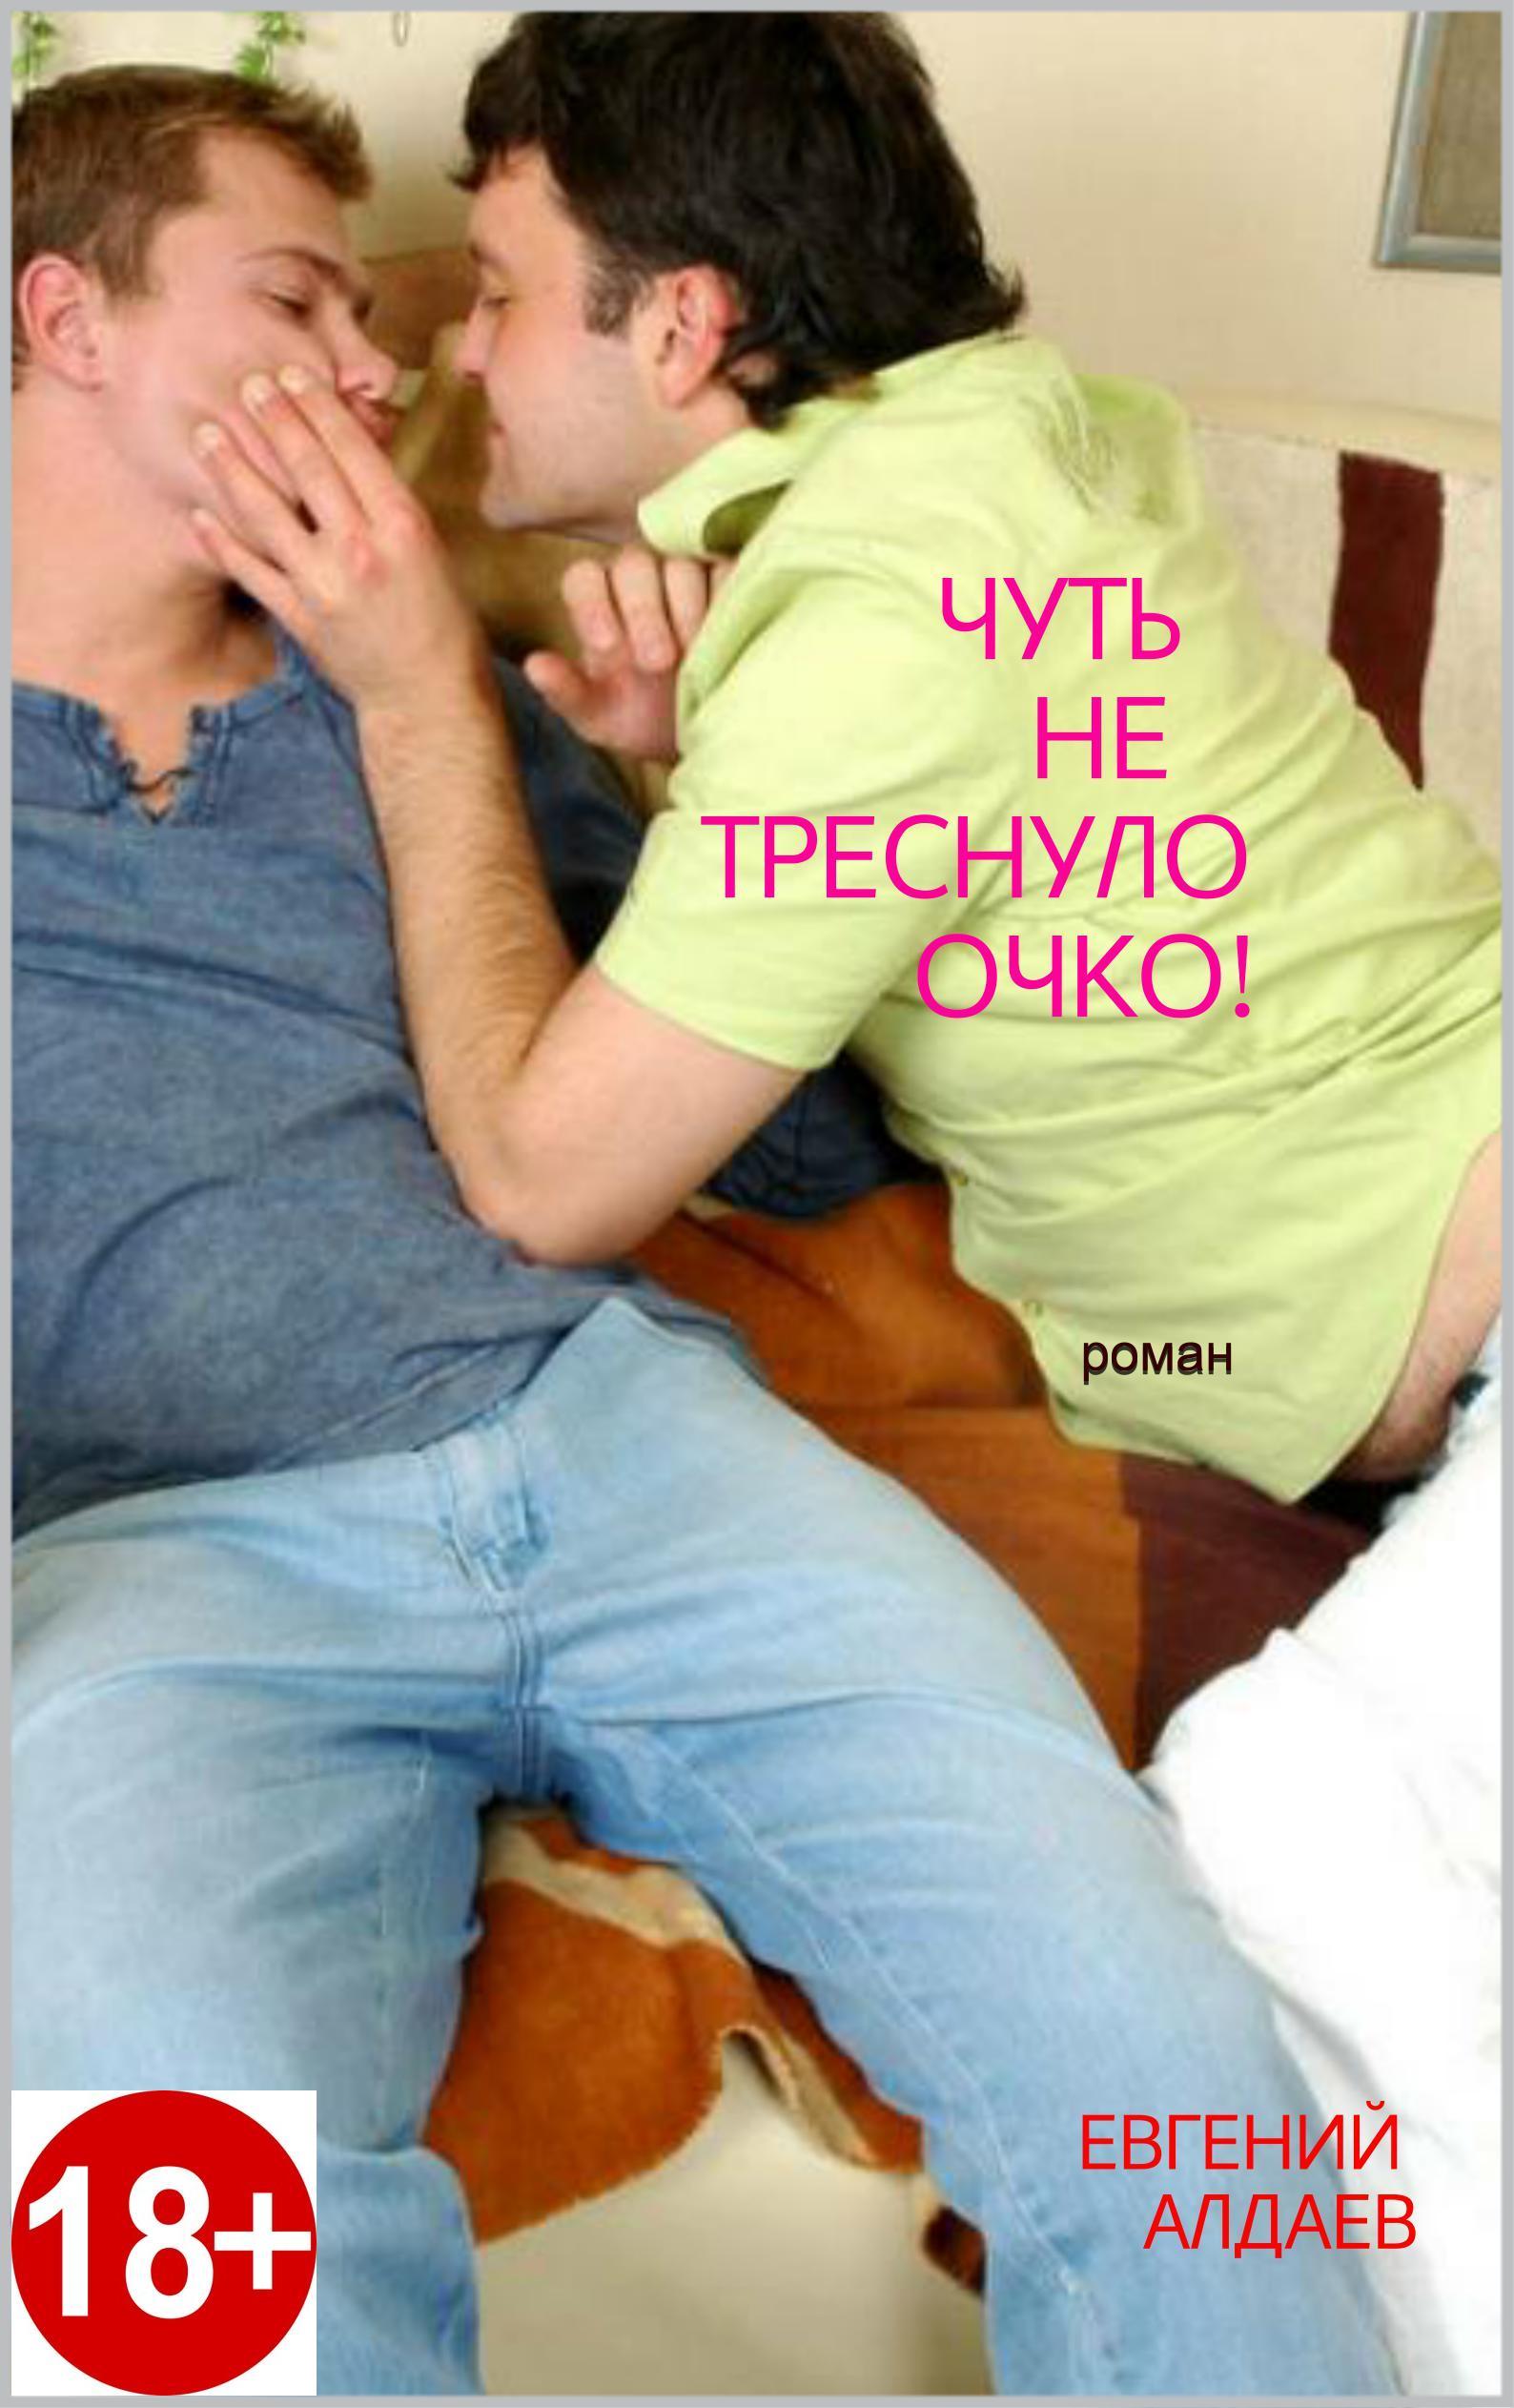 muzhiki-naturali-vi-bi-otsosali-drugu-biseksualu